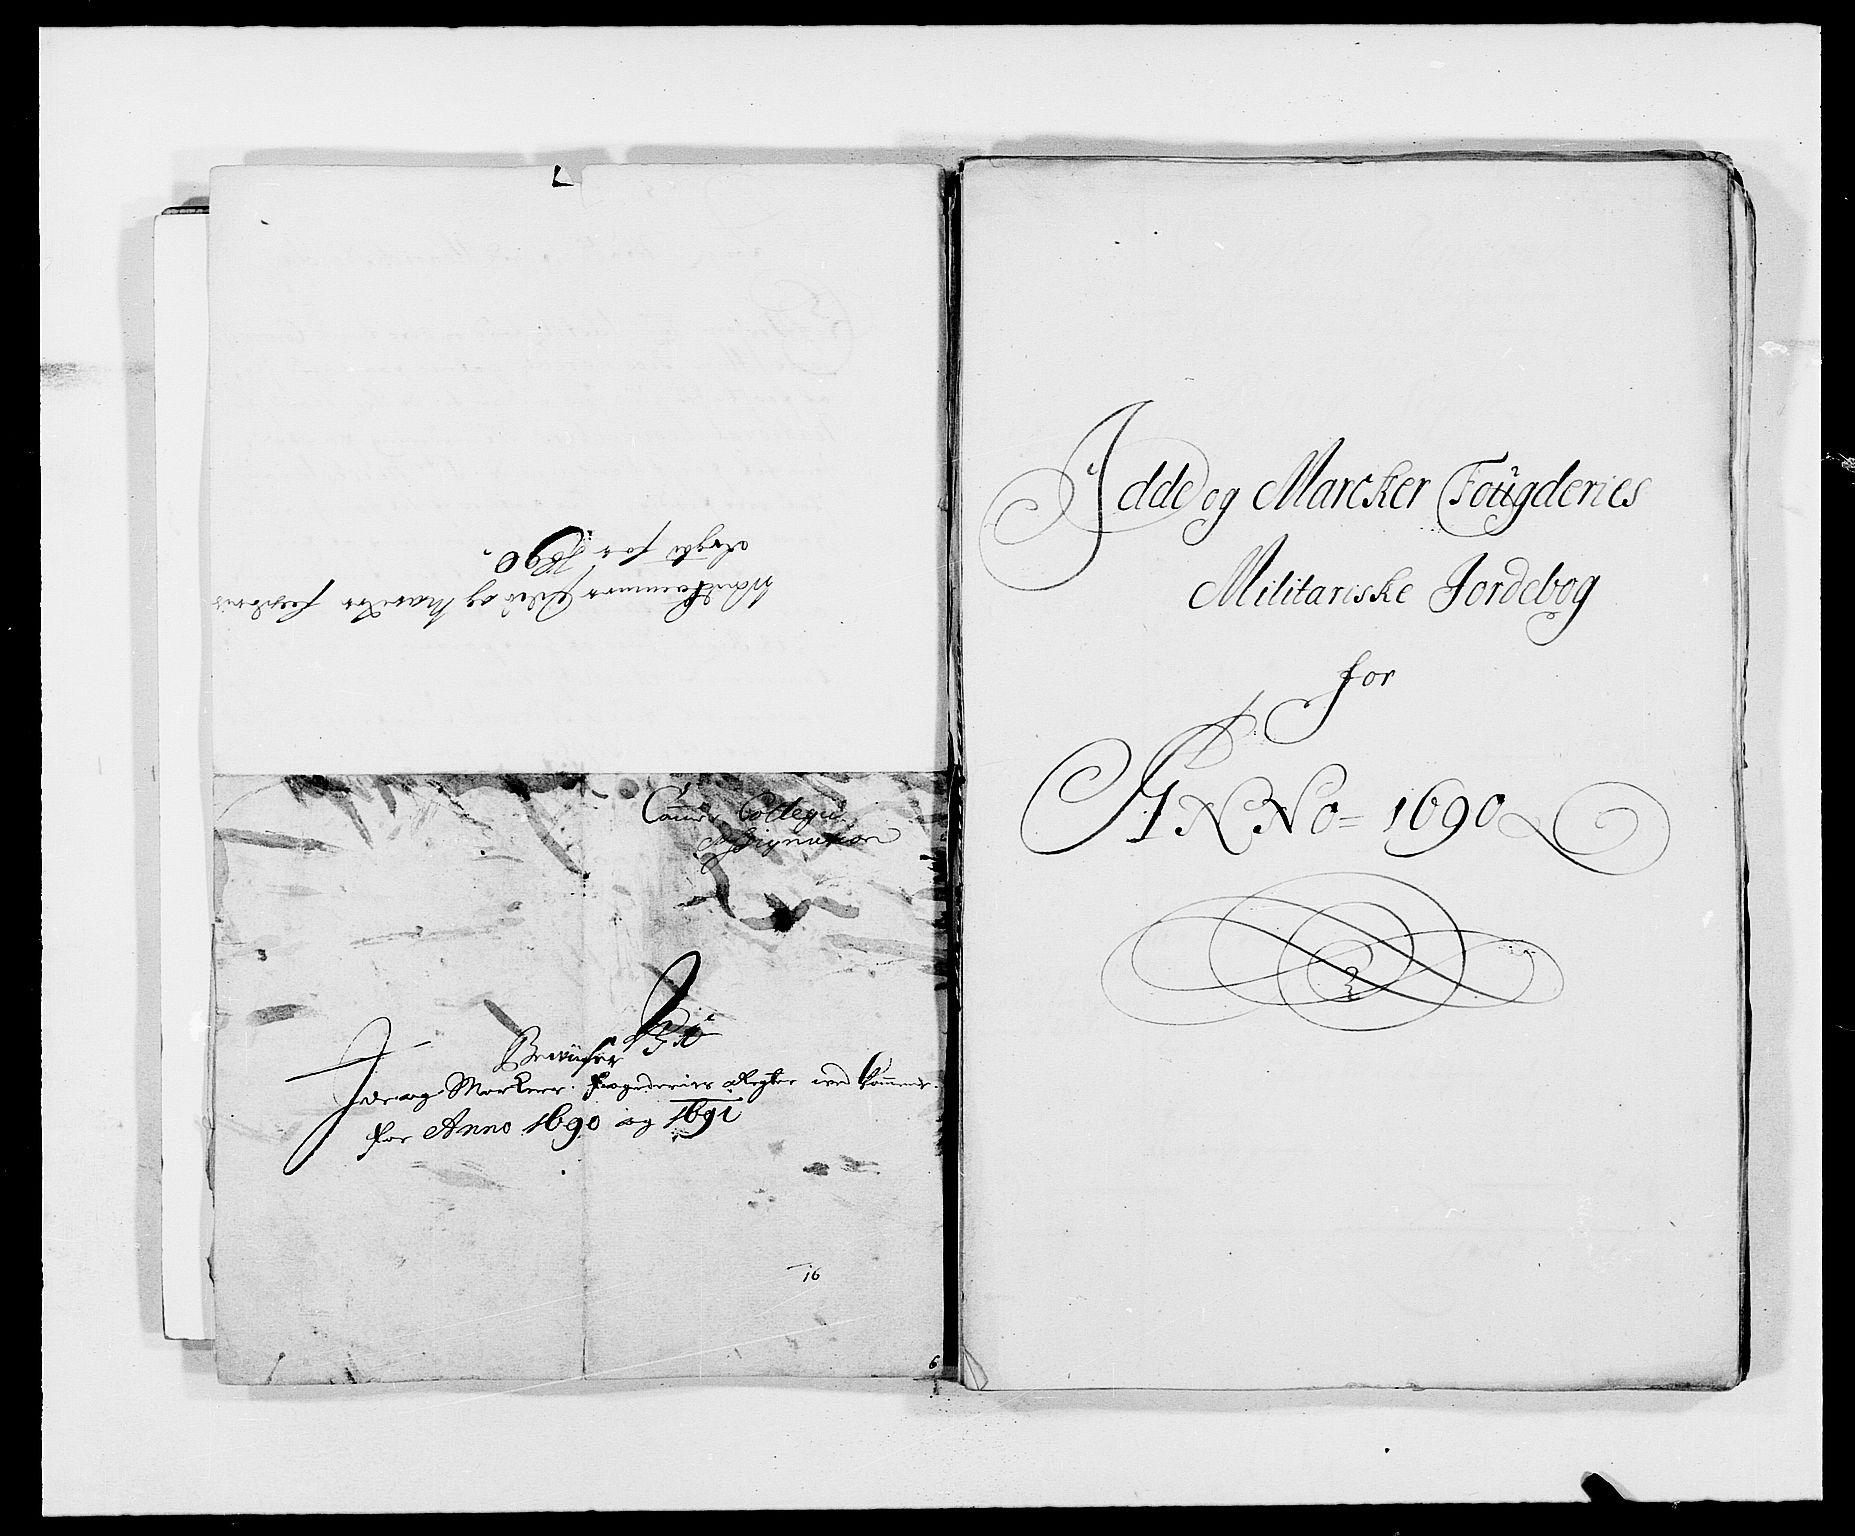 RA, Rentekammeret inntil 1814, Reviderte regnskaper, Fogderegnskap, R01/L0010: Fogderegnskap Idd og Marker, 1690-1691, s. 44